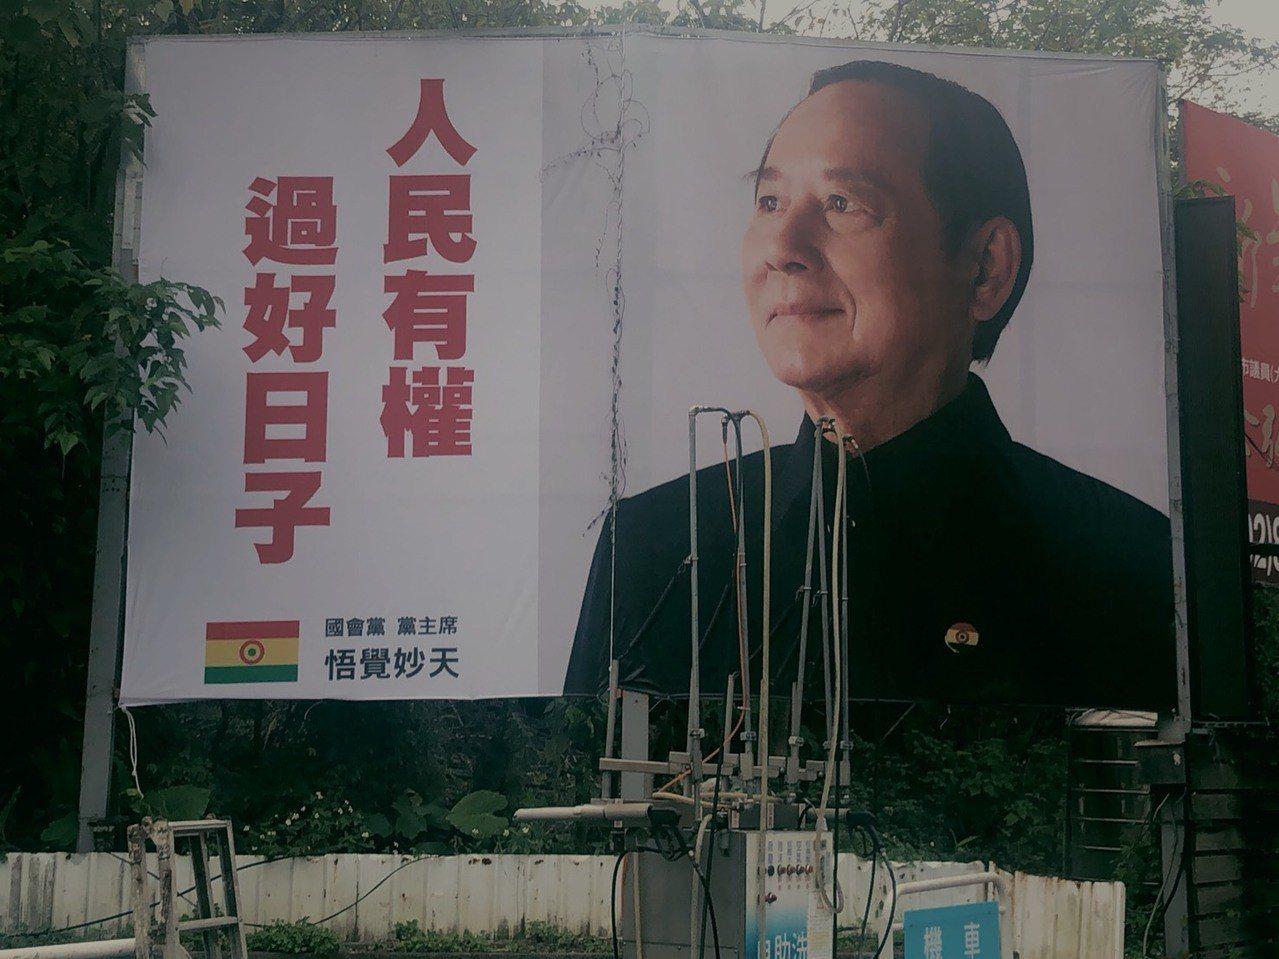 妙天禪師所屬的國會黨,立起看板做政治形象廣告。圖片來源:讀者提供